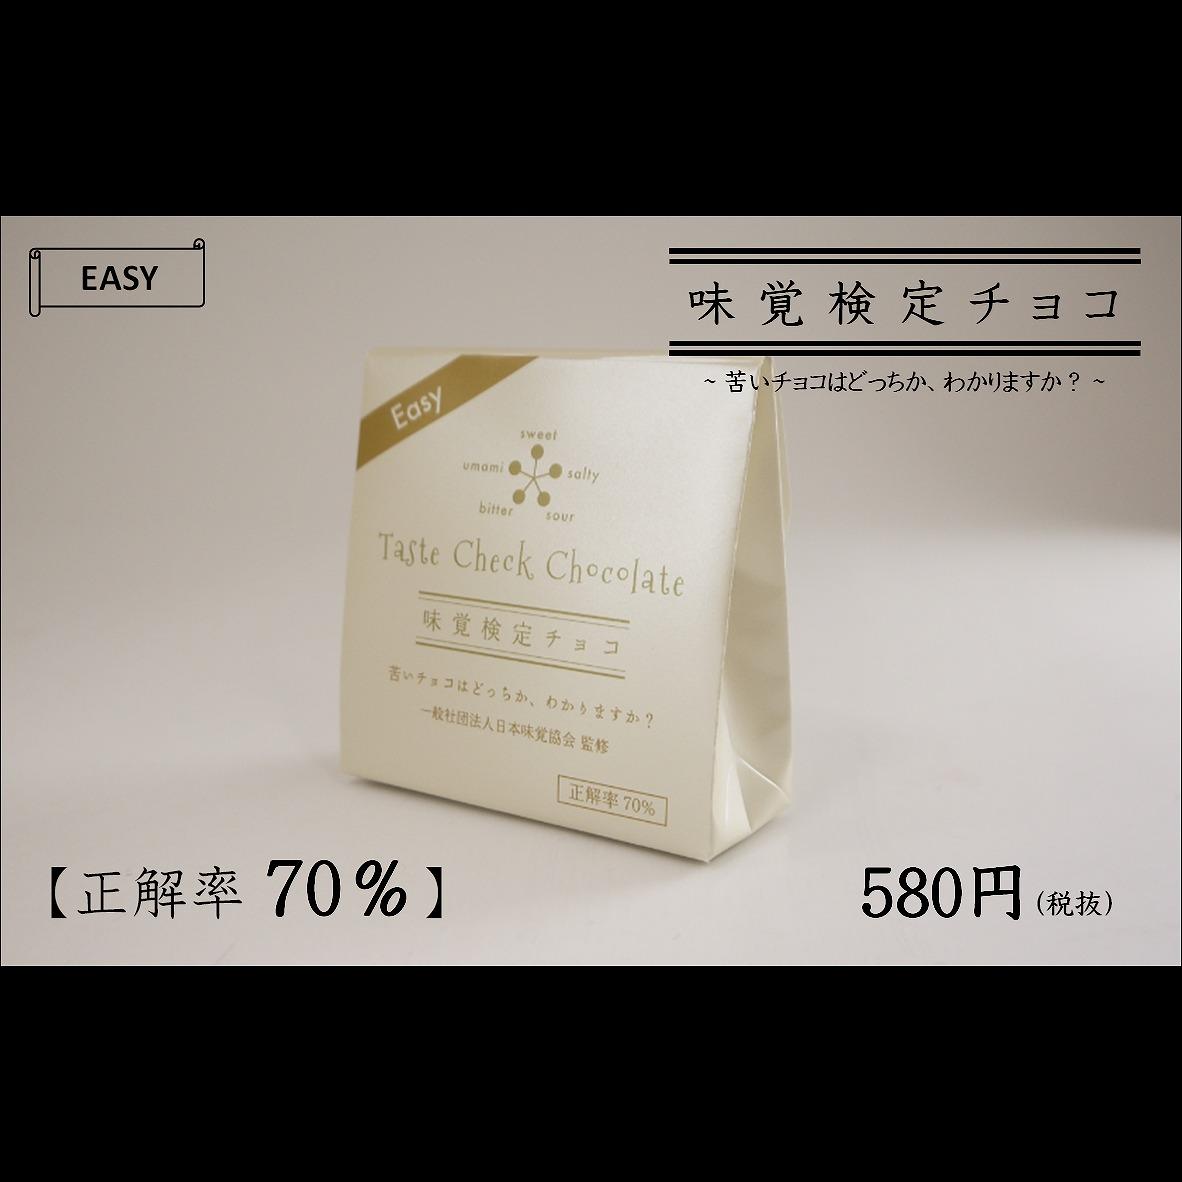 味覚検定チョコ EASY 一般社団法人日本味覚協会公式サイトから引用